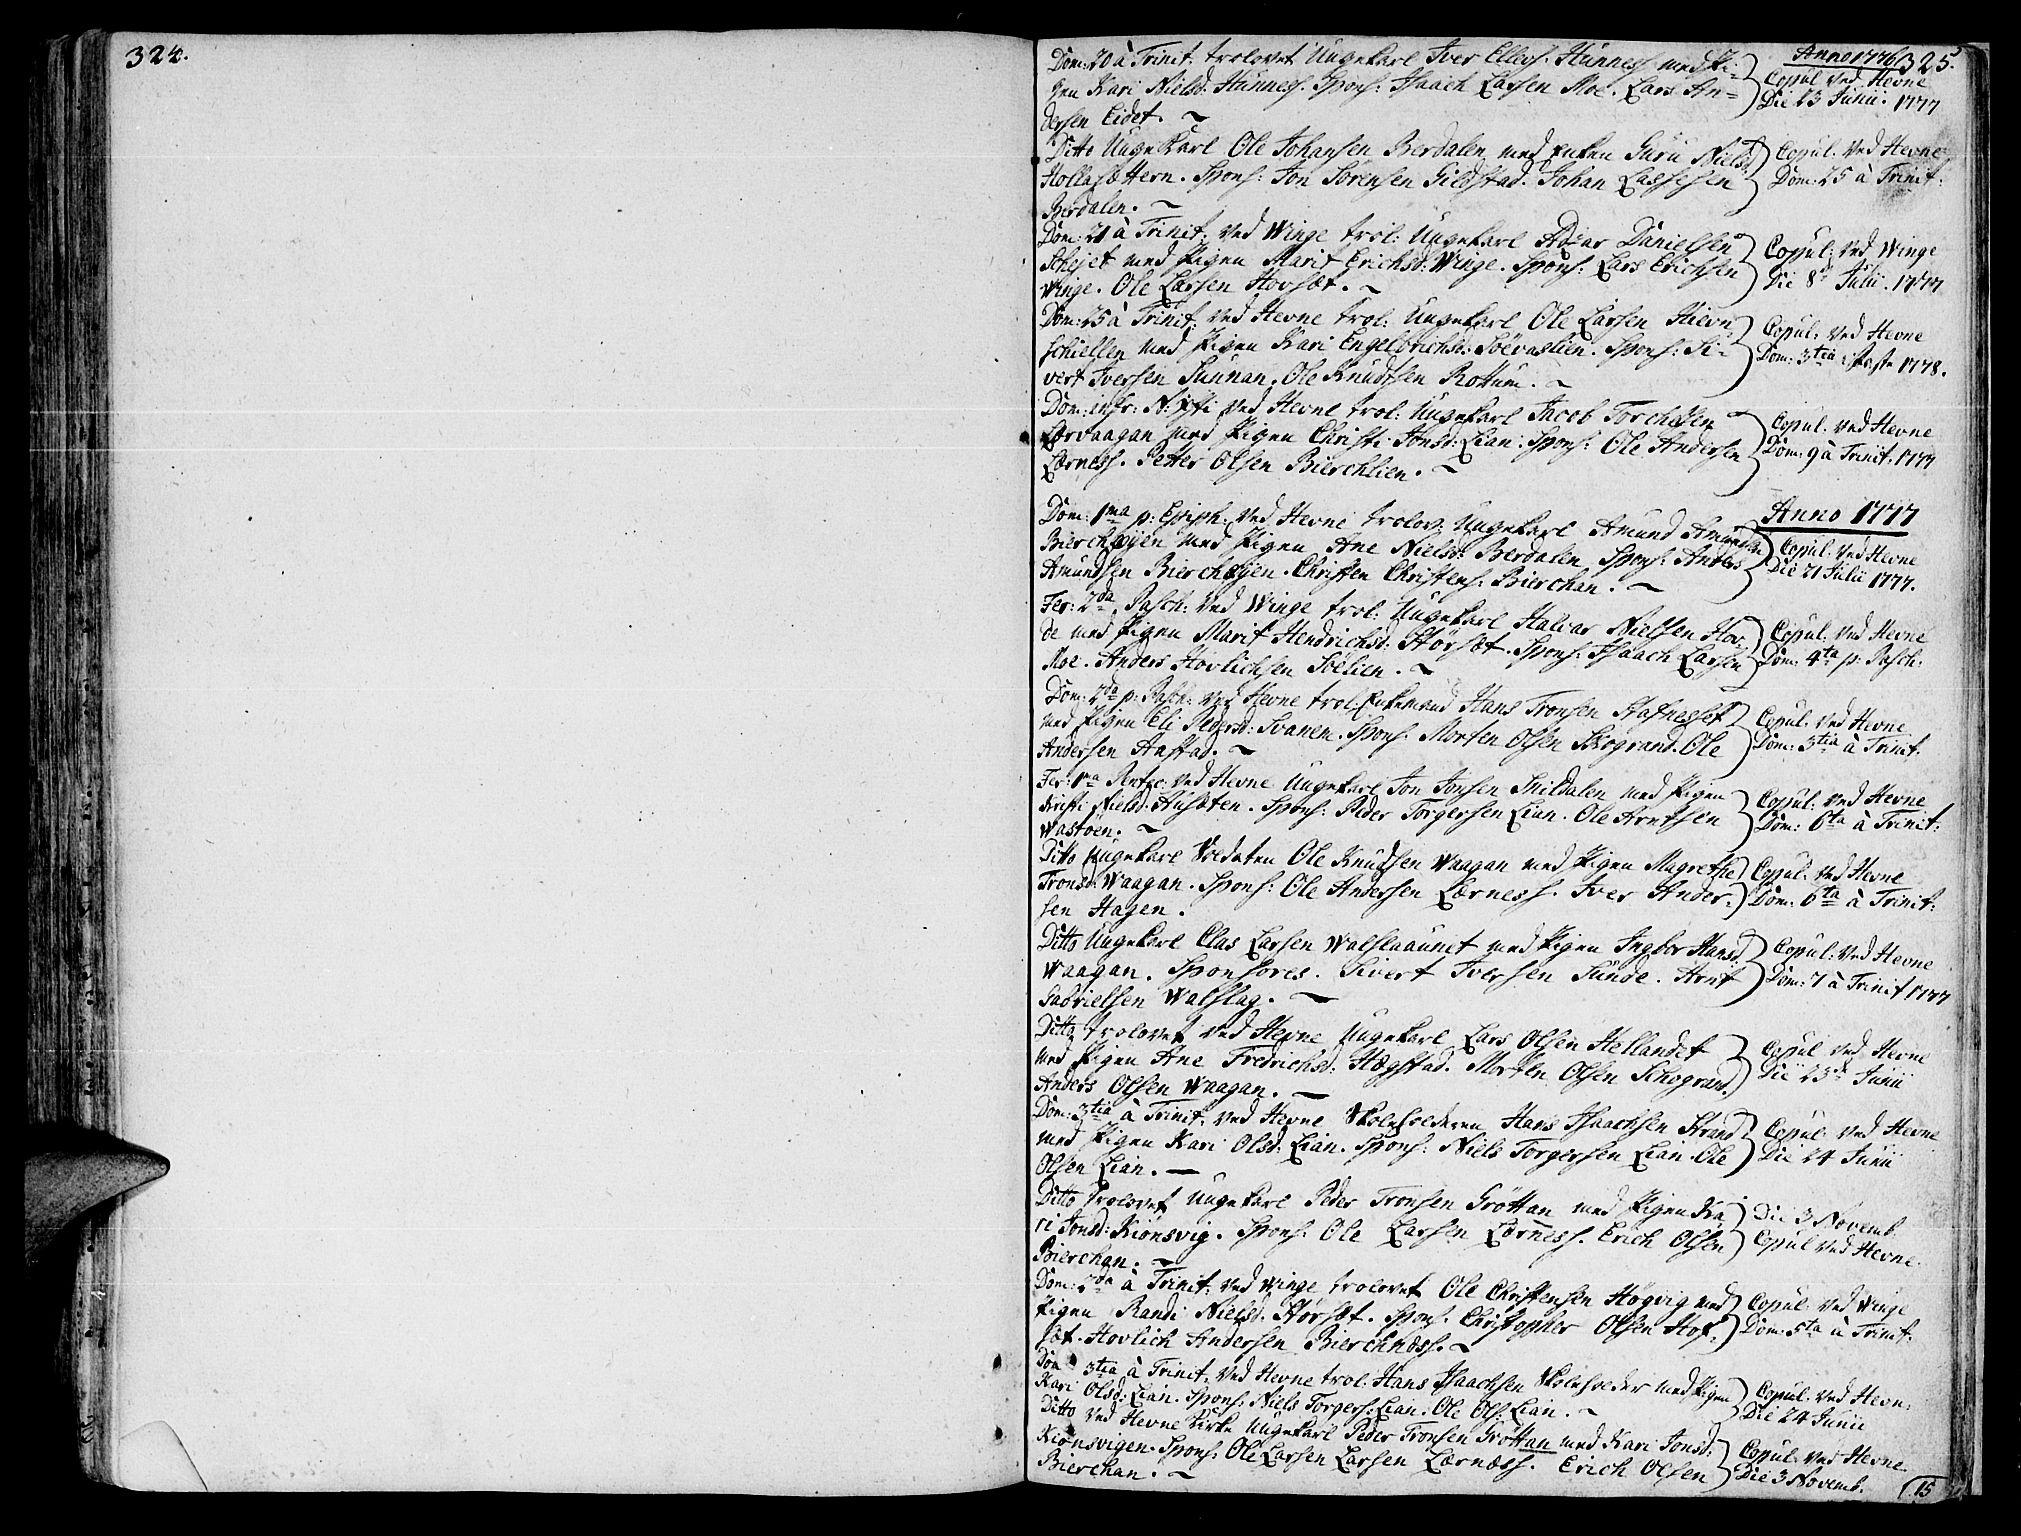 SAT, Ministerialprotokoller, klokkerbøker og fødselsregistre - Sør-Trøndelag, 630/L0489: Ministerialbok nr. 630A02, 1757-1794, s. 324-325